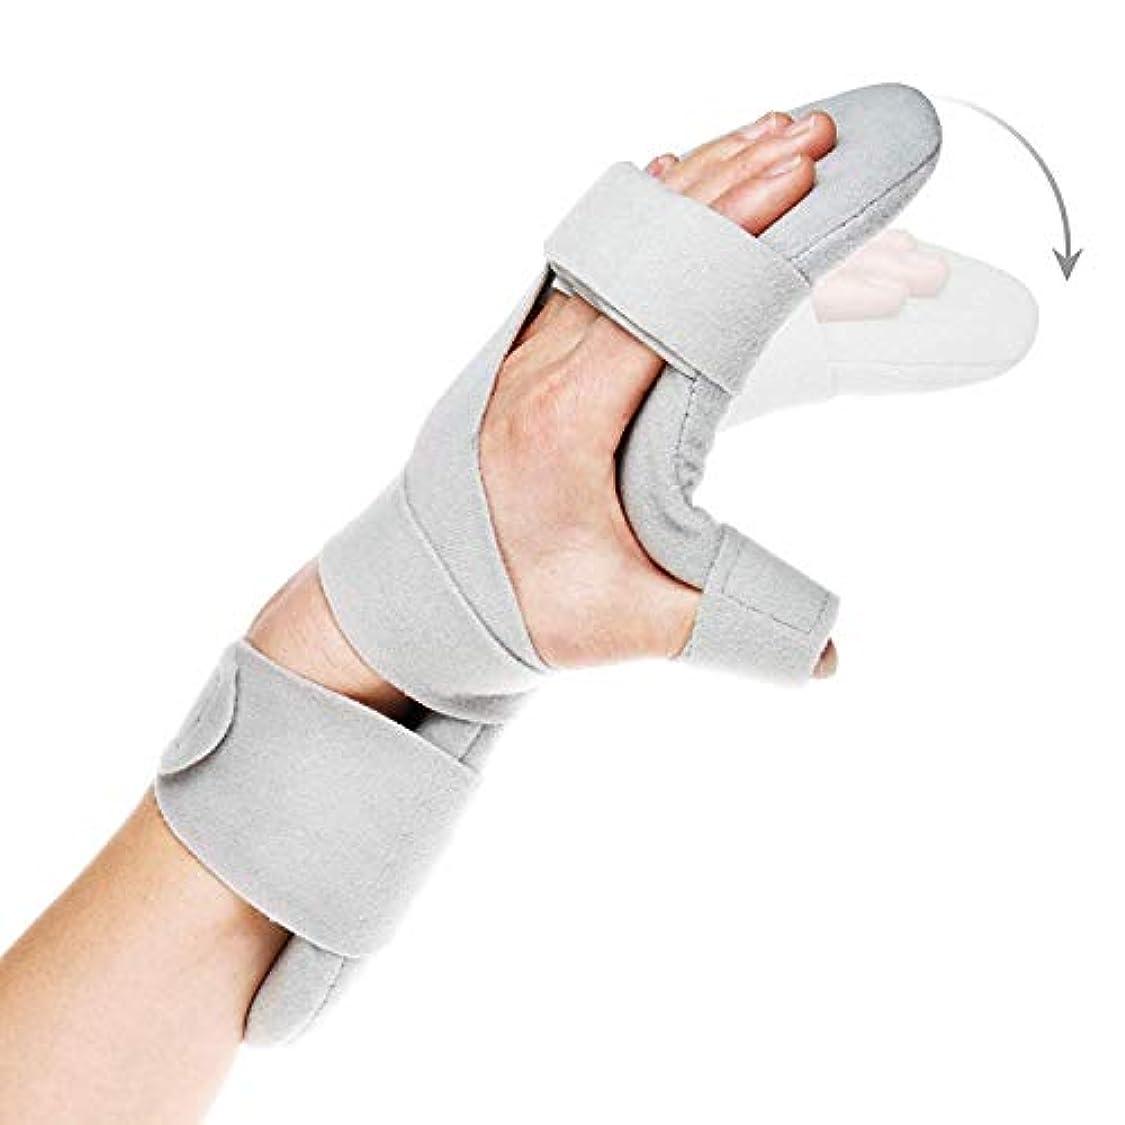 疼痛腱炎捻挫骨折関節炎脱臼用安静時ハンドスプリントナイトリストバンドイモビライザーサポート (Size : Left Hand)